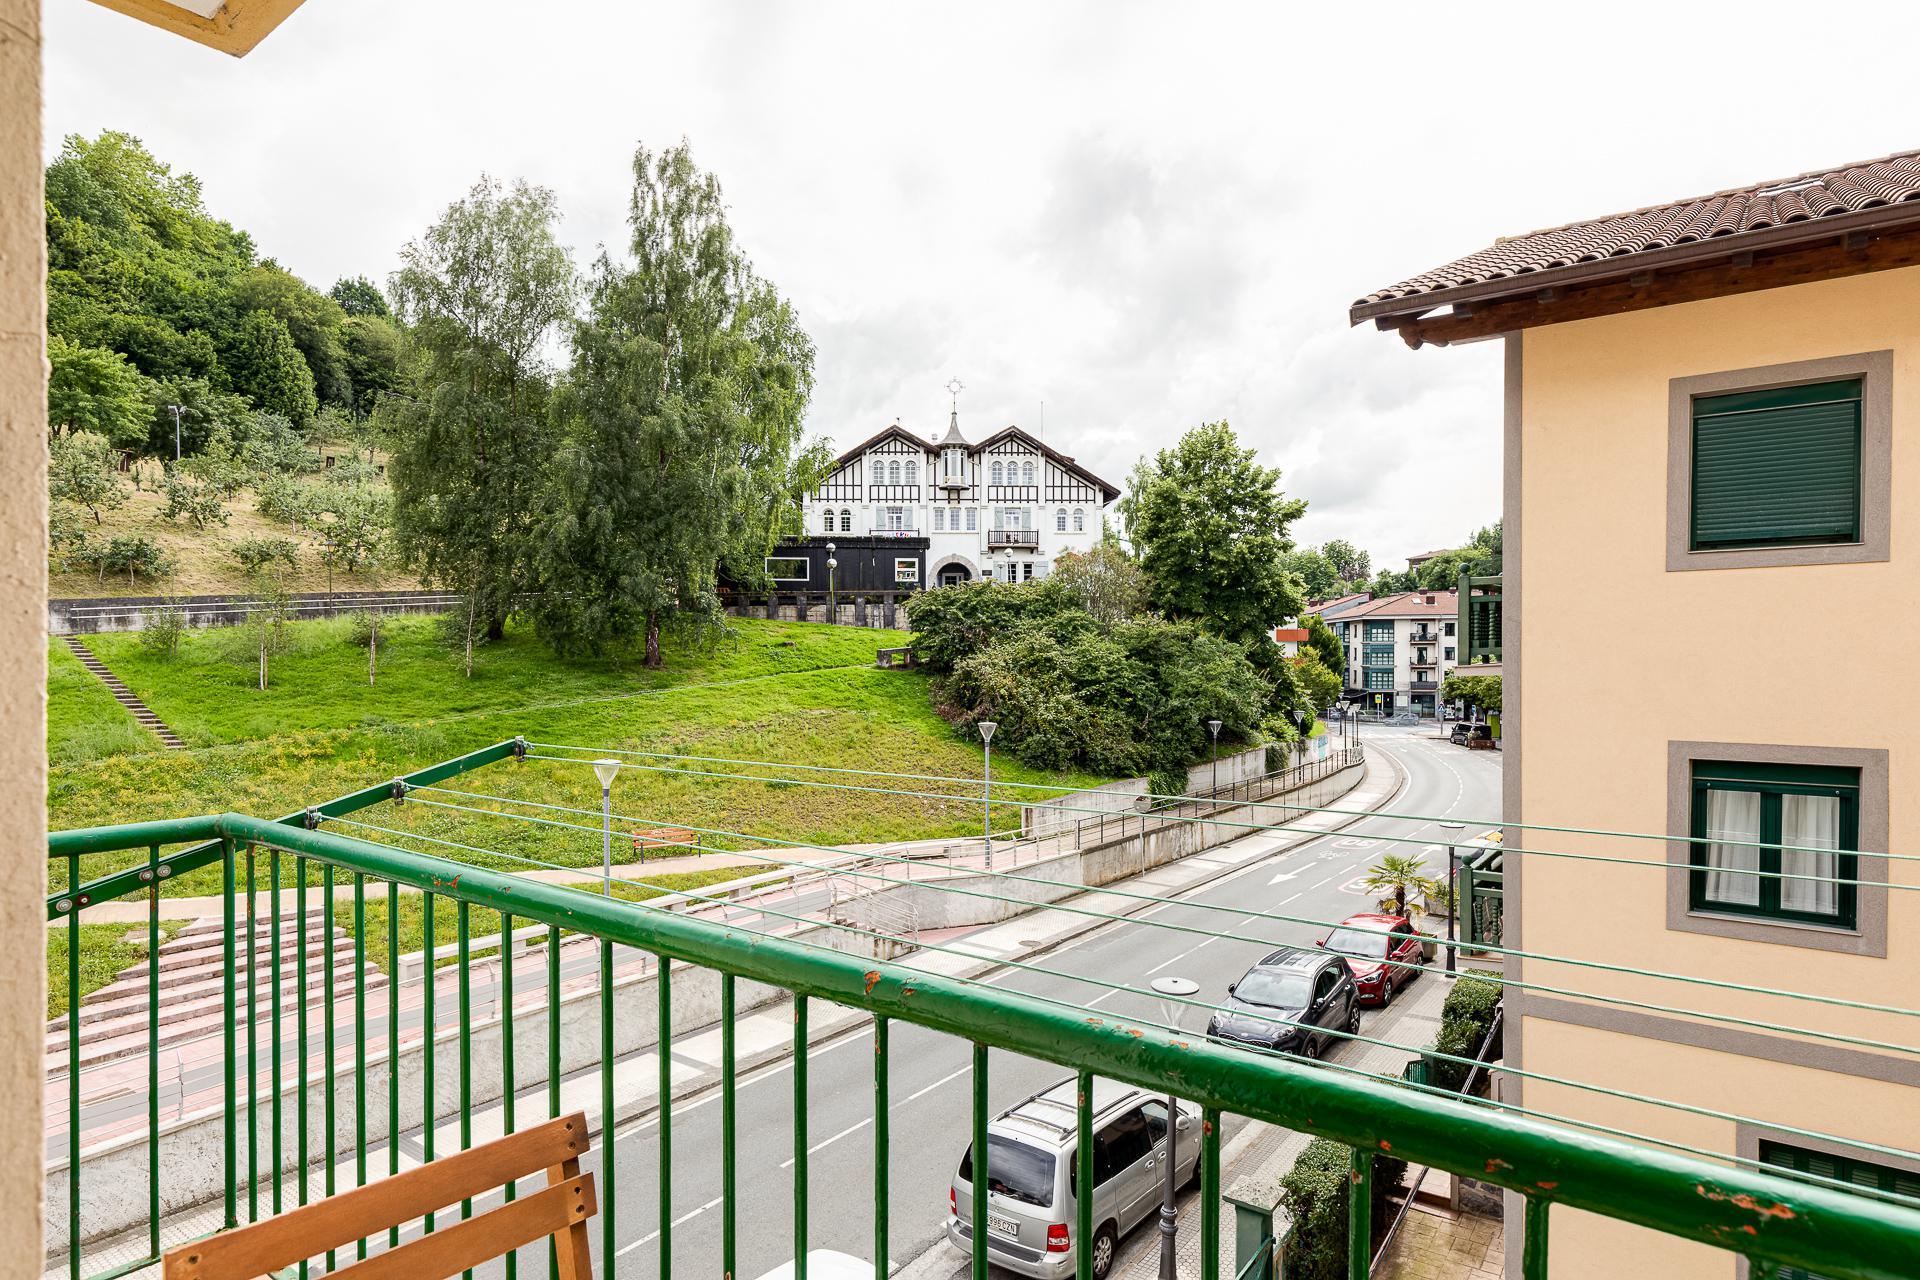 Imagen 4 Piso en venta en Astigarraga / Astigarraga, Guipuzkoa